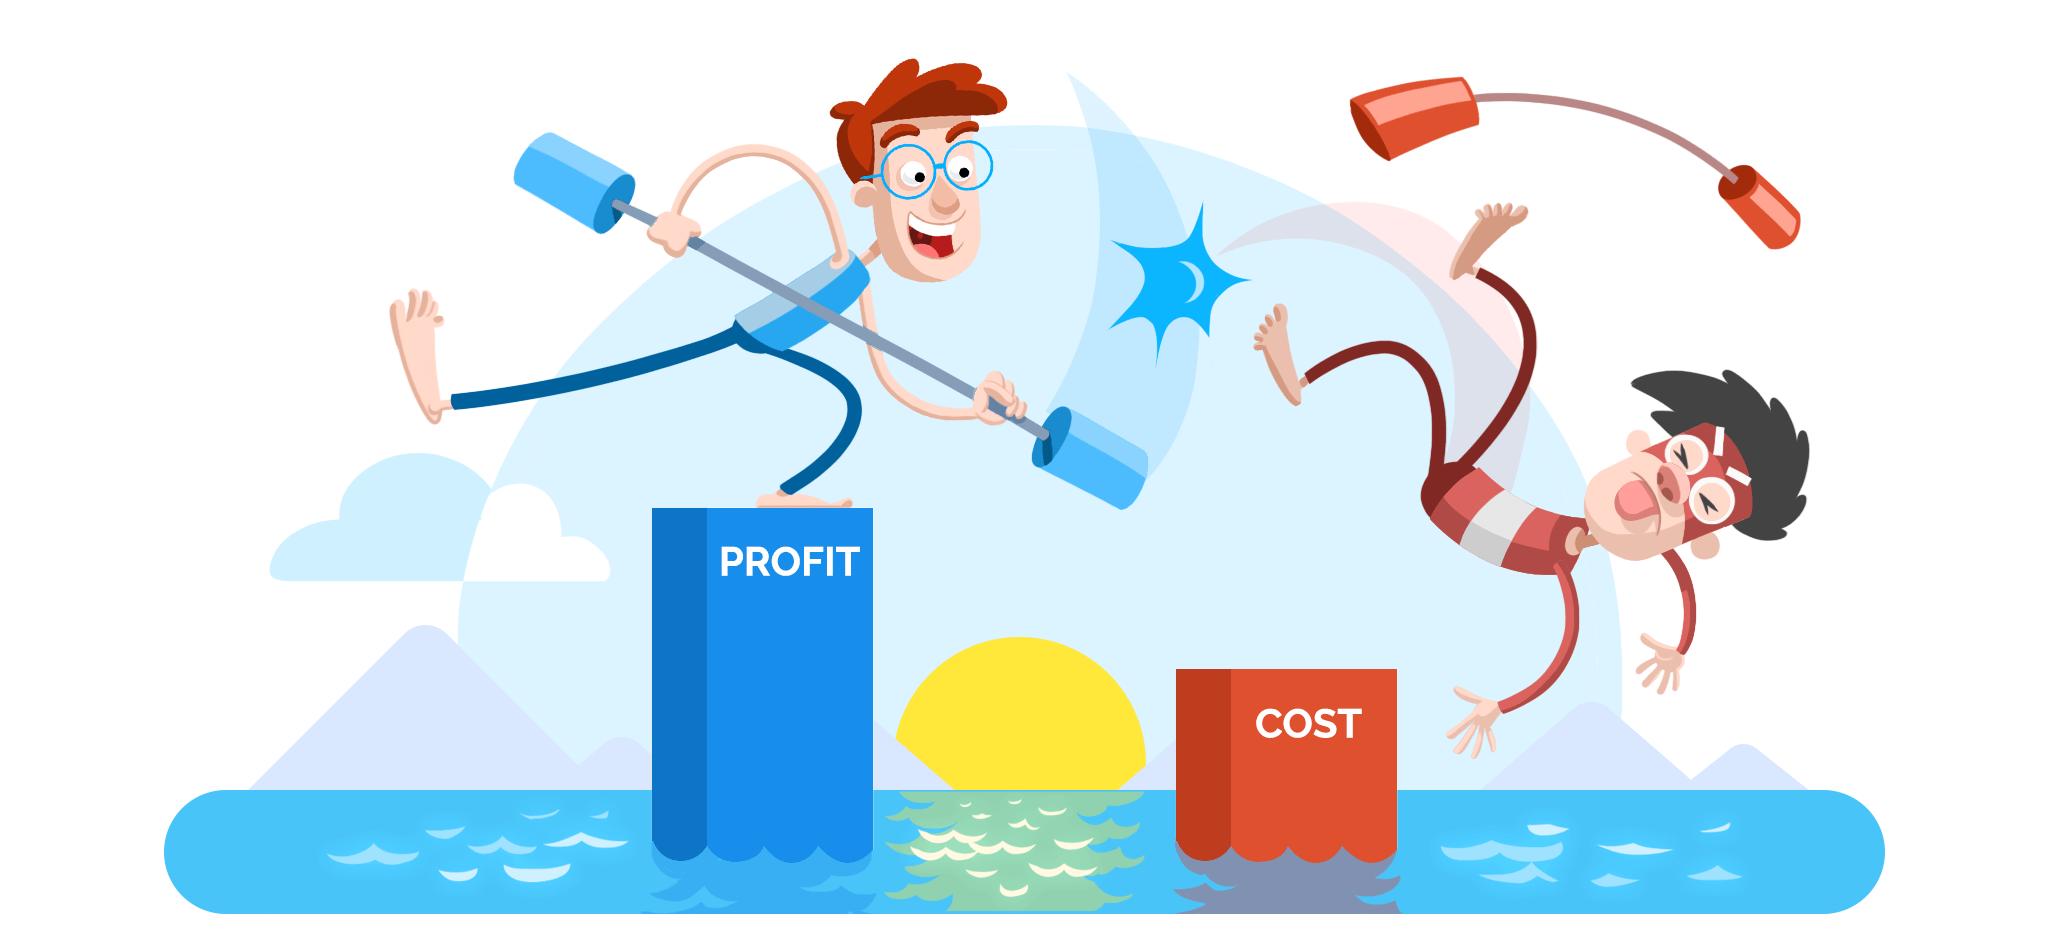 Firebase Cost